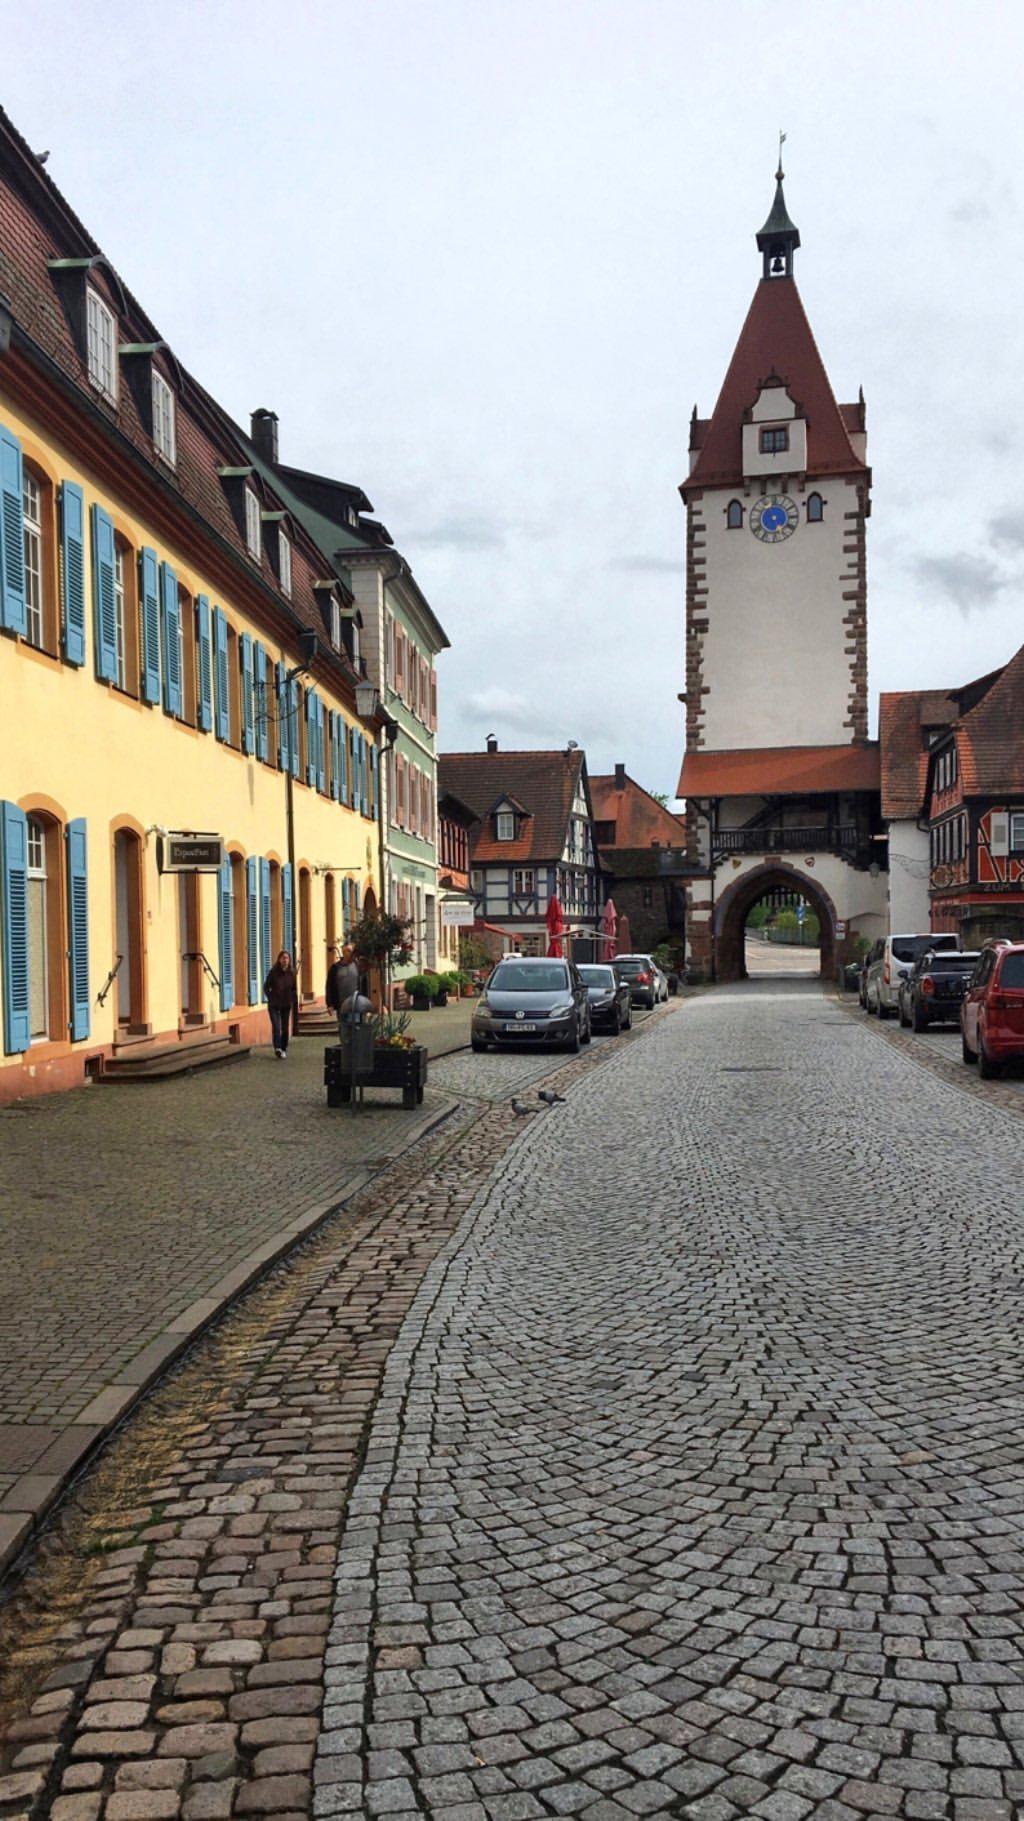 Alemania - Gengenbach